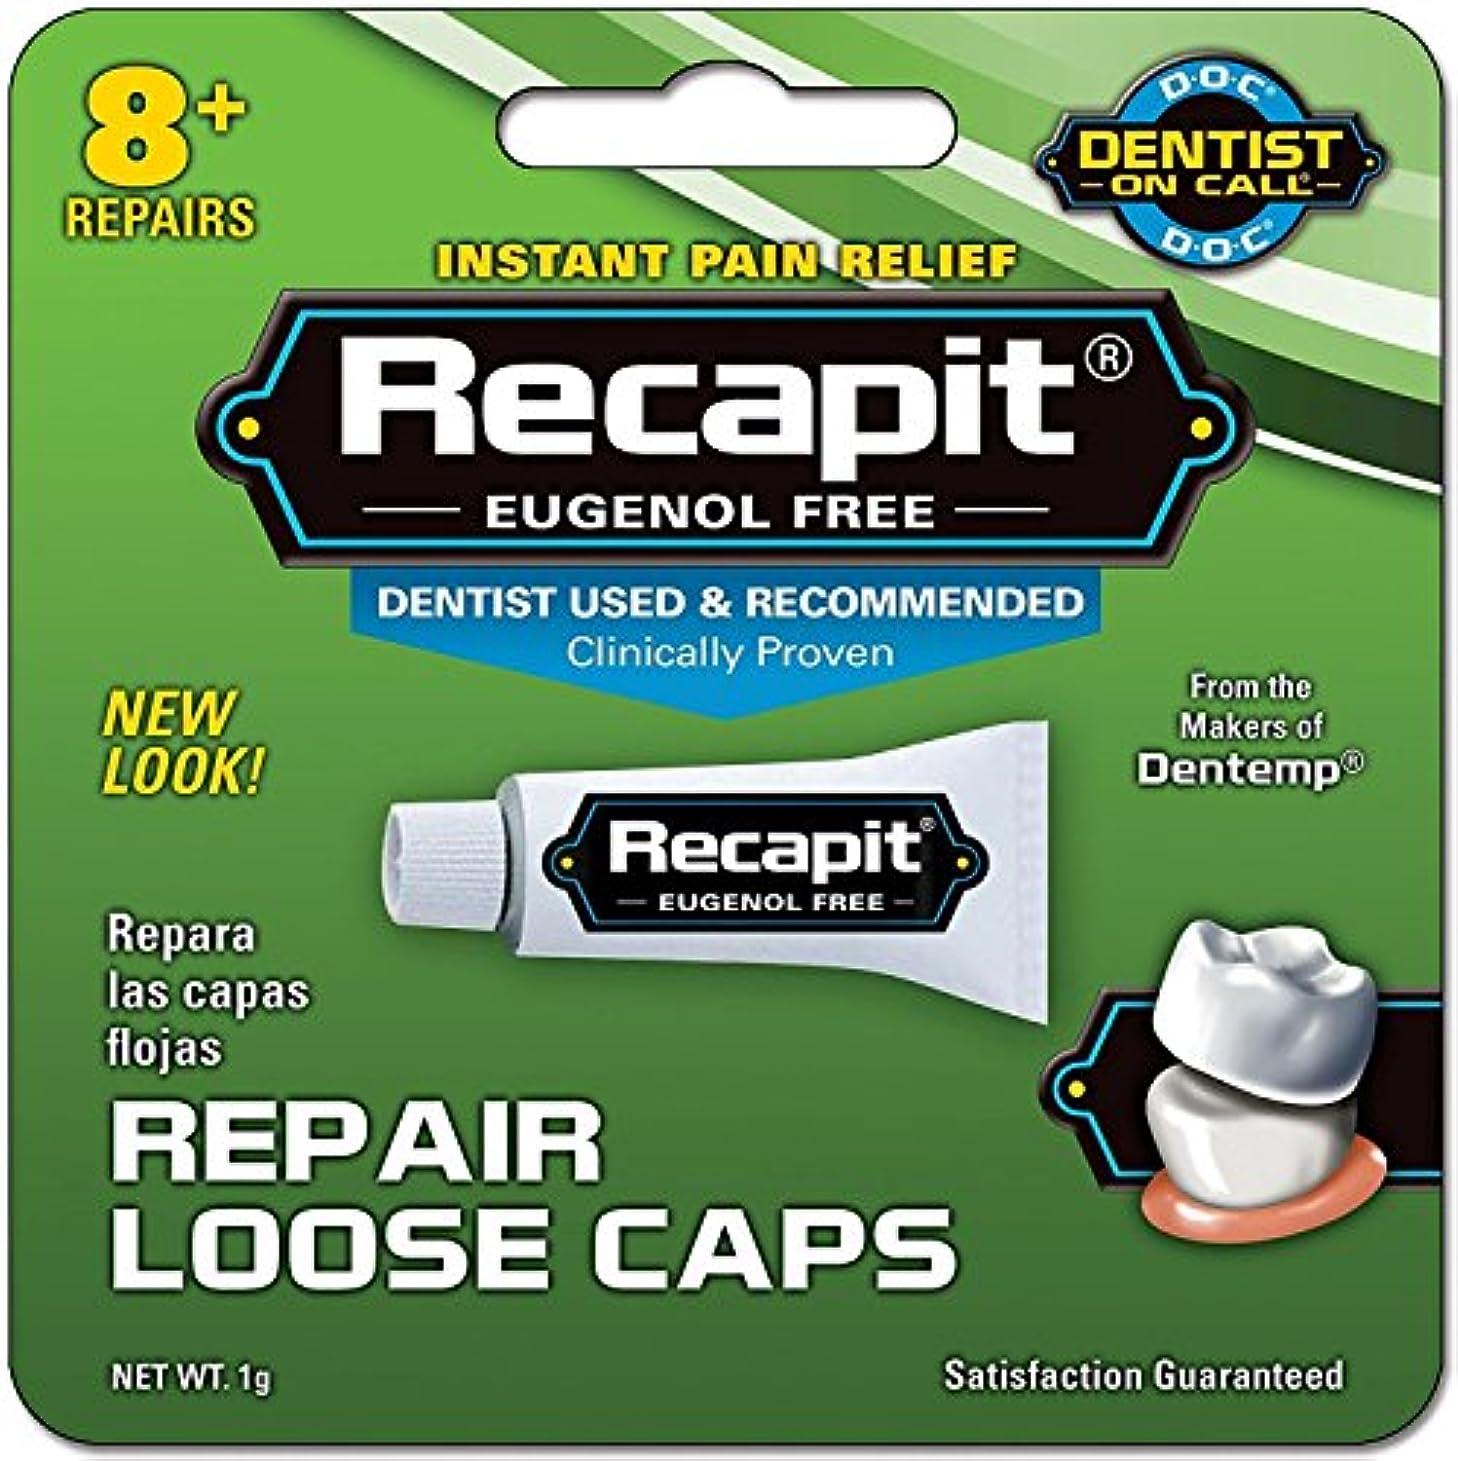 補う農業の責めるDoc Recapitルースキャップ歯科修復 - 8つの修理、2パック